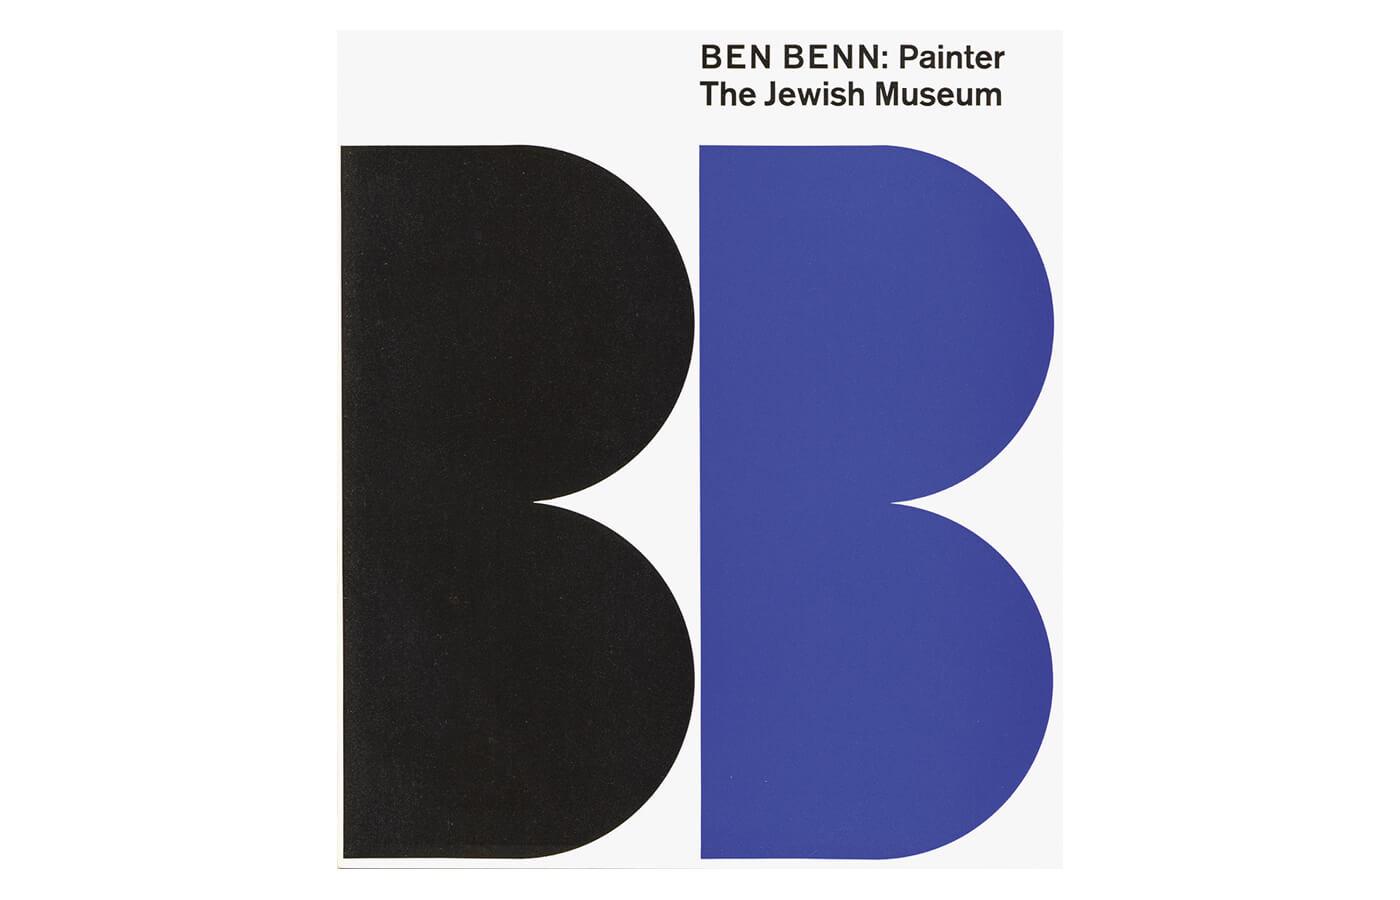 Ben Benn: Painter